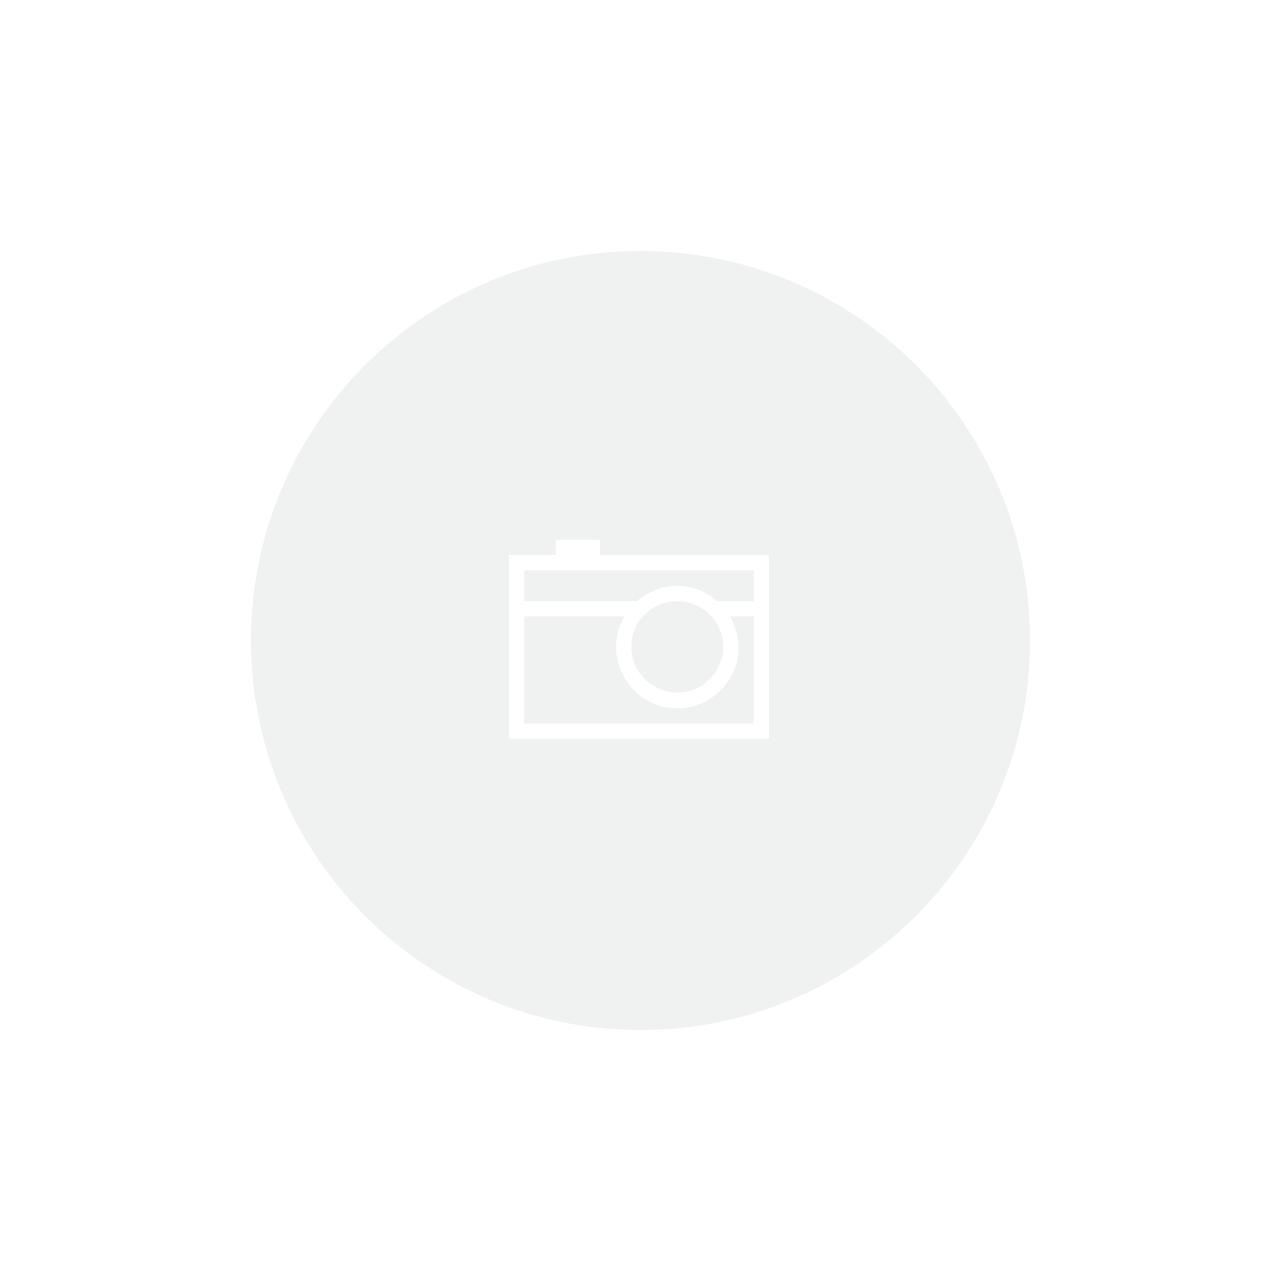 Almofada Shantung c/ Aplicação de Cordão Bege